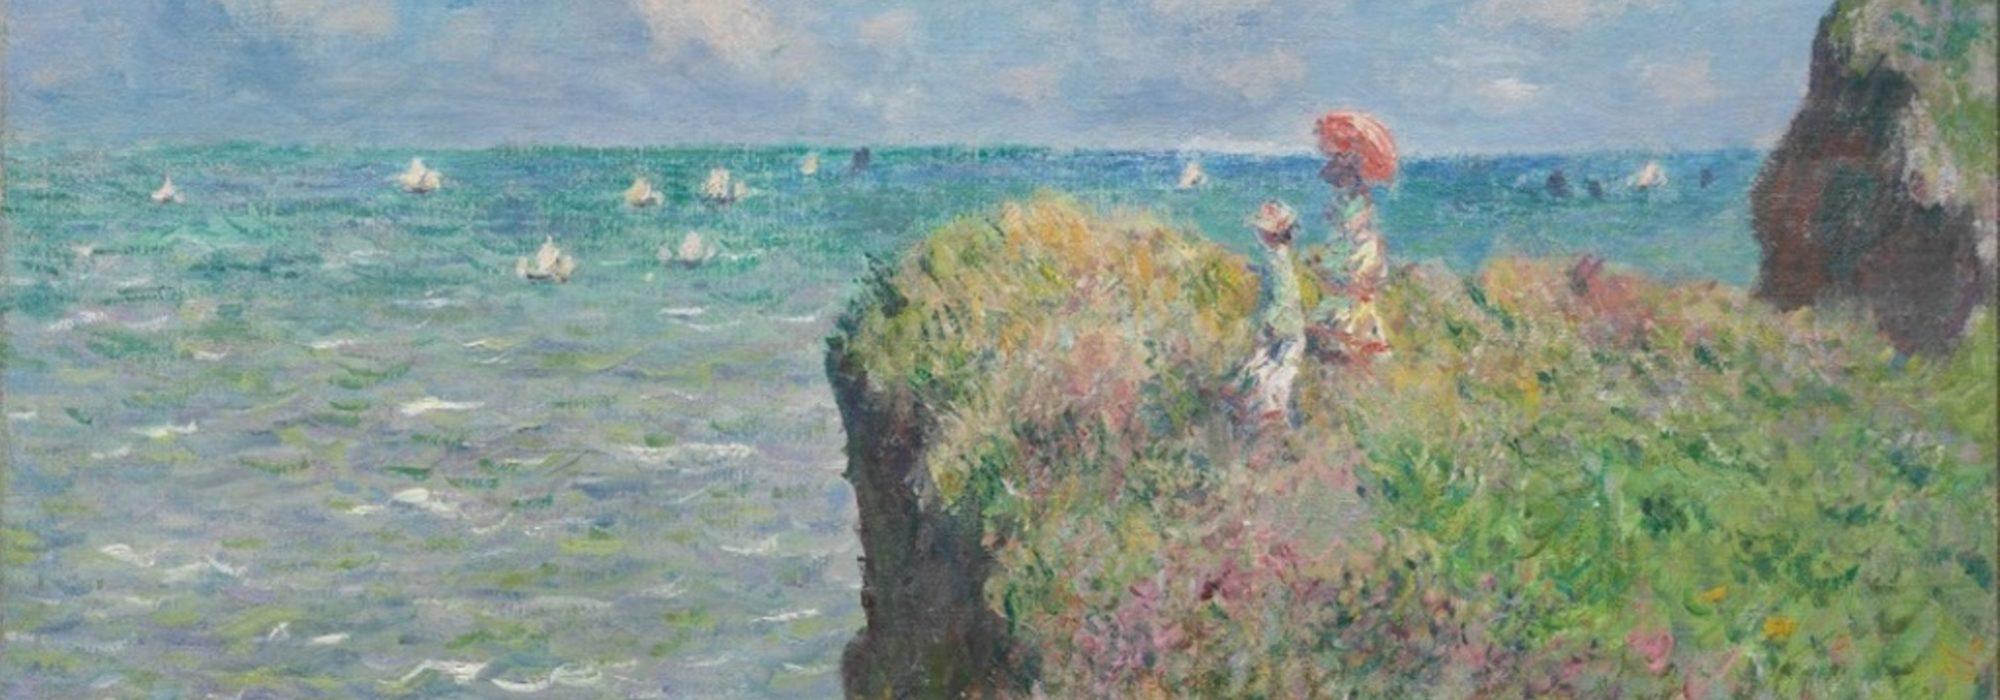 Imagem: Falésias de Pourville (Claude Monet, 1882)